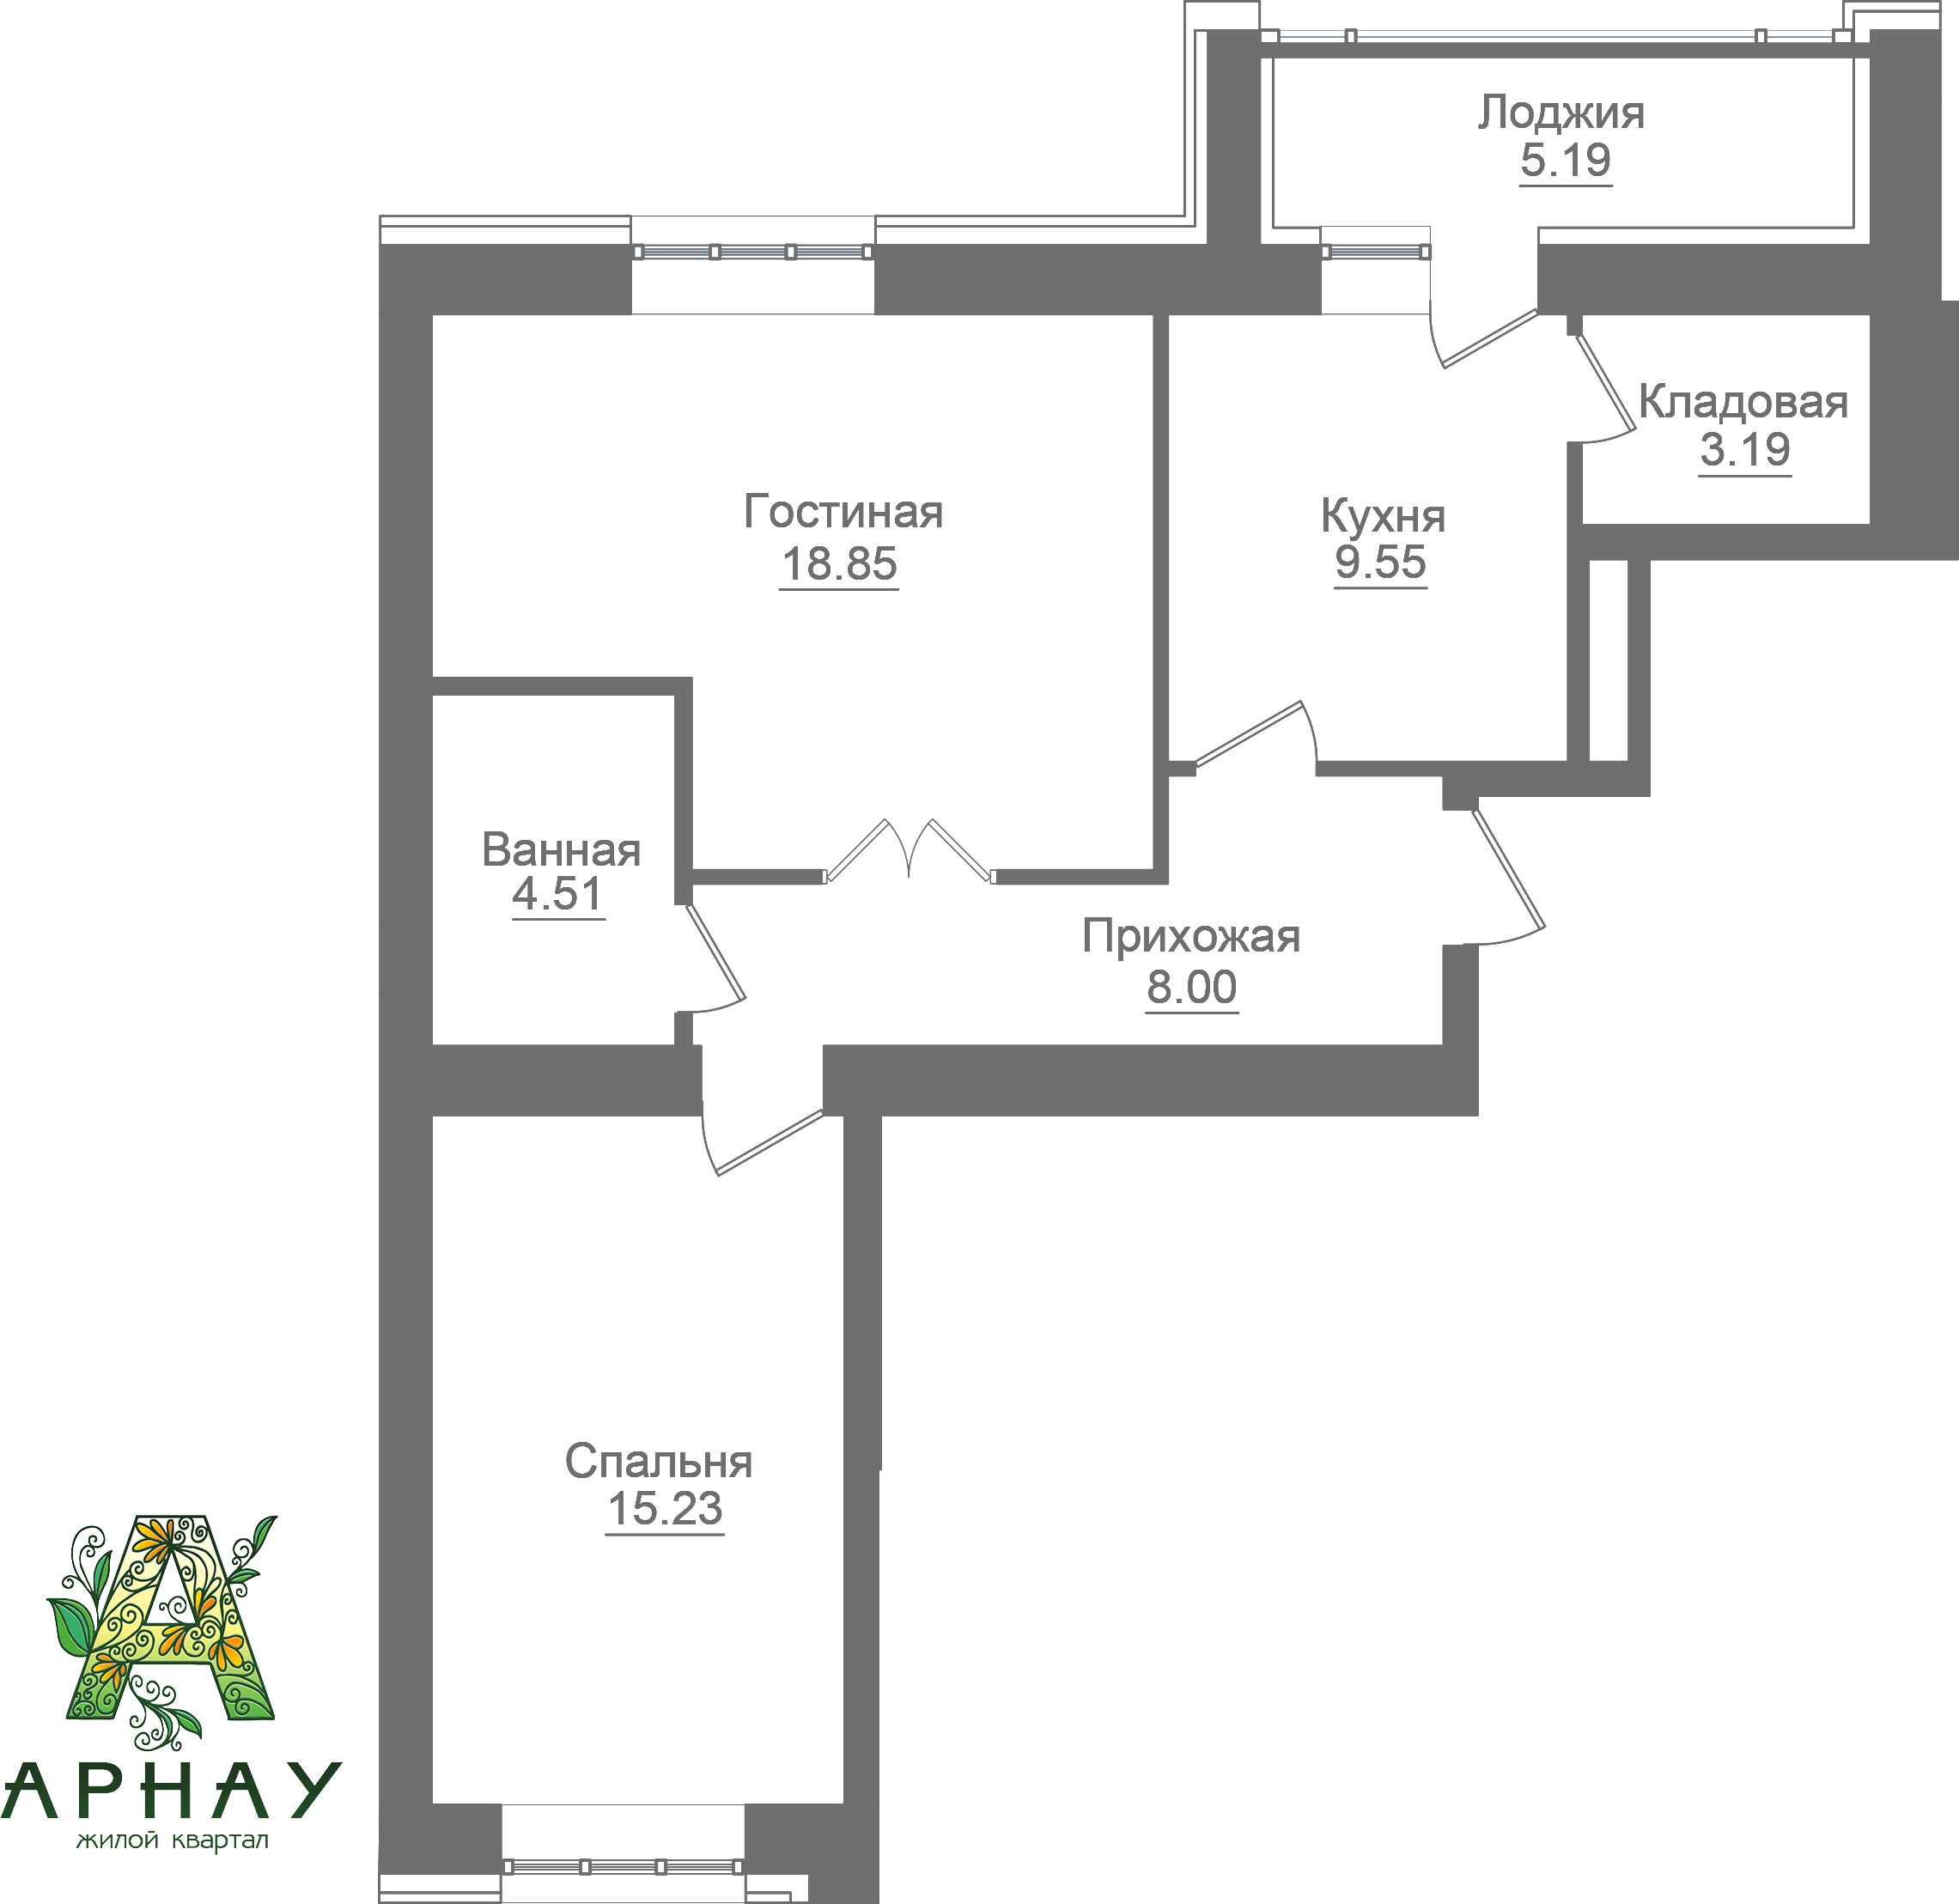 Квартира 140